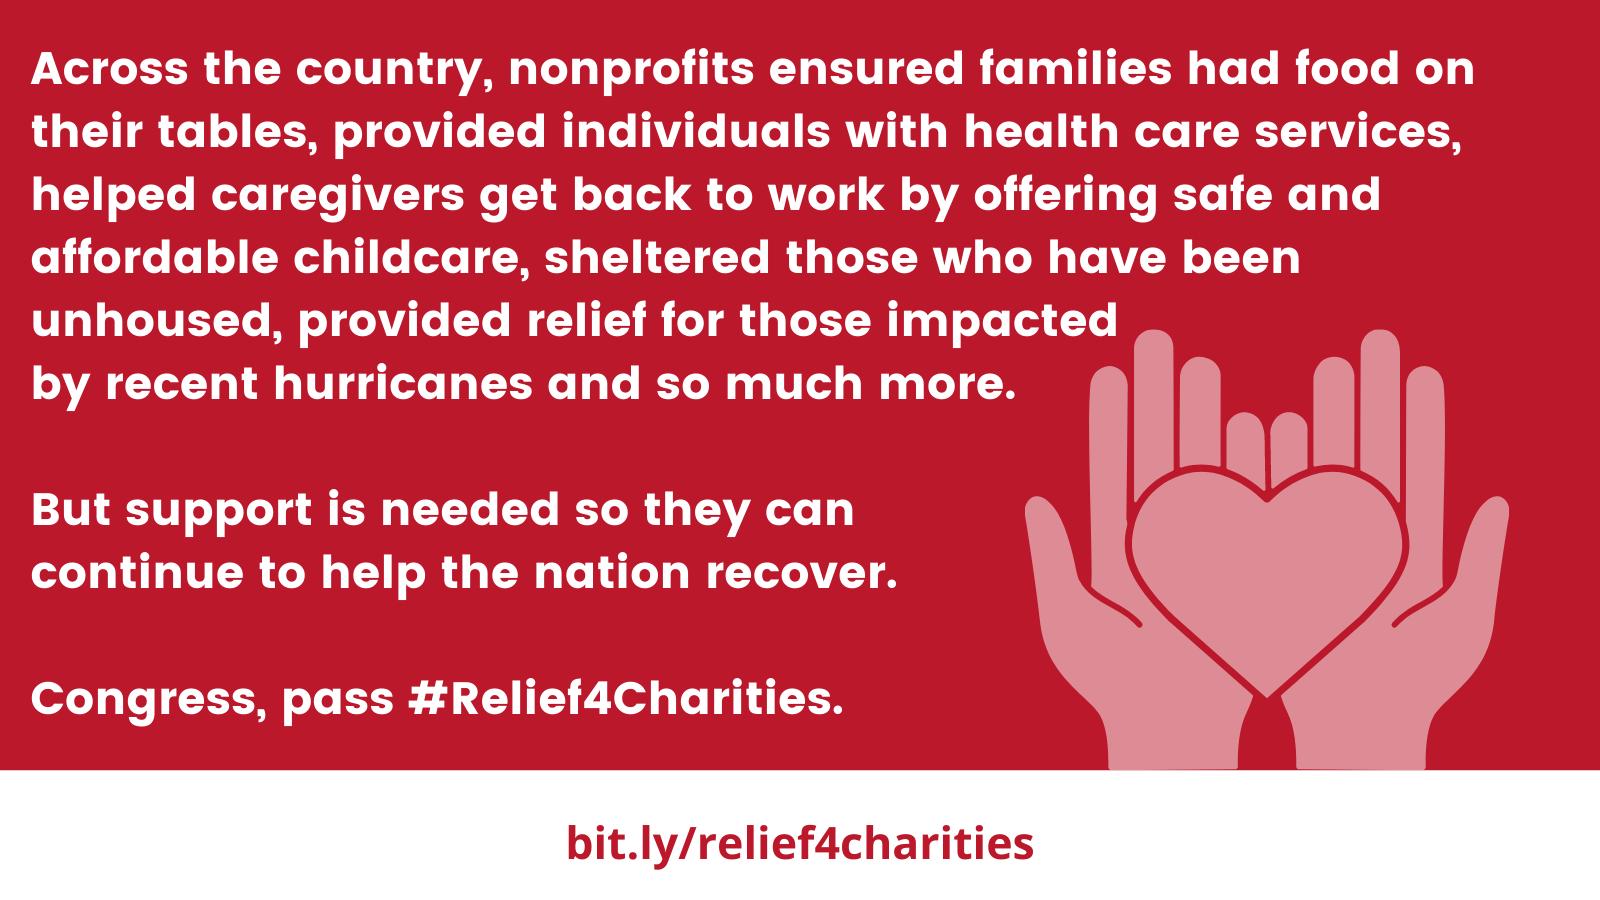 #Relief4Charities Twitter image